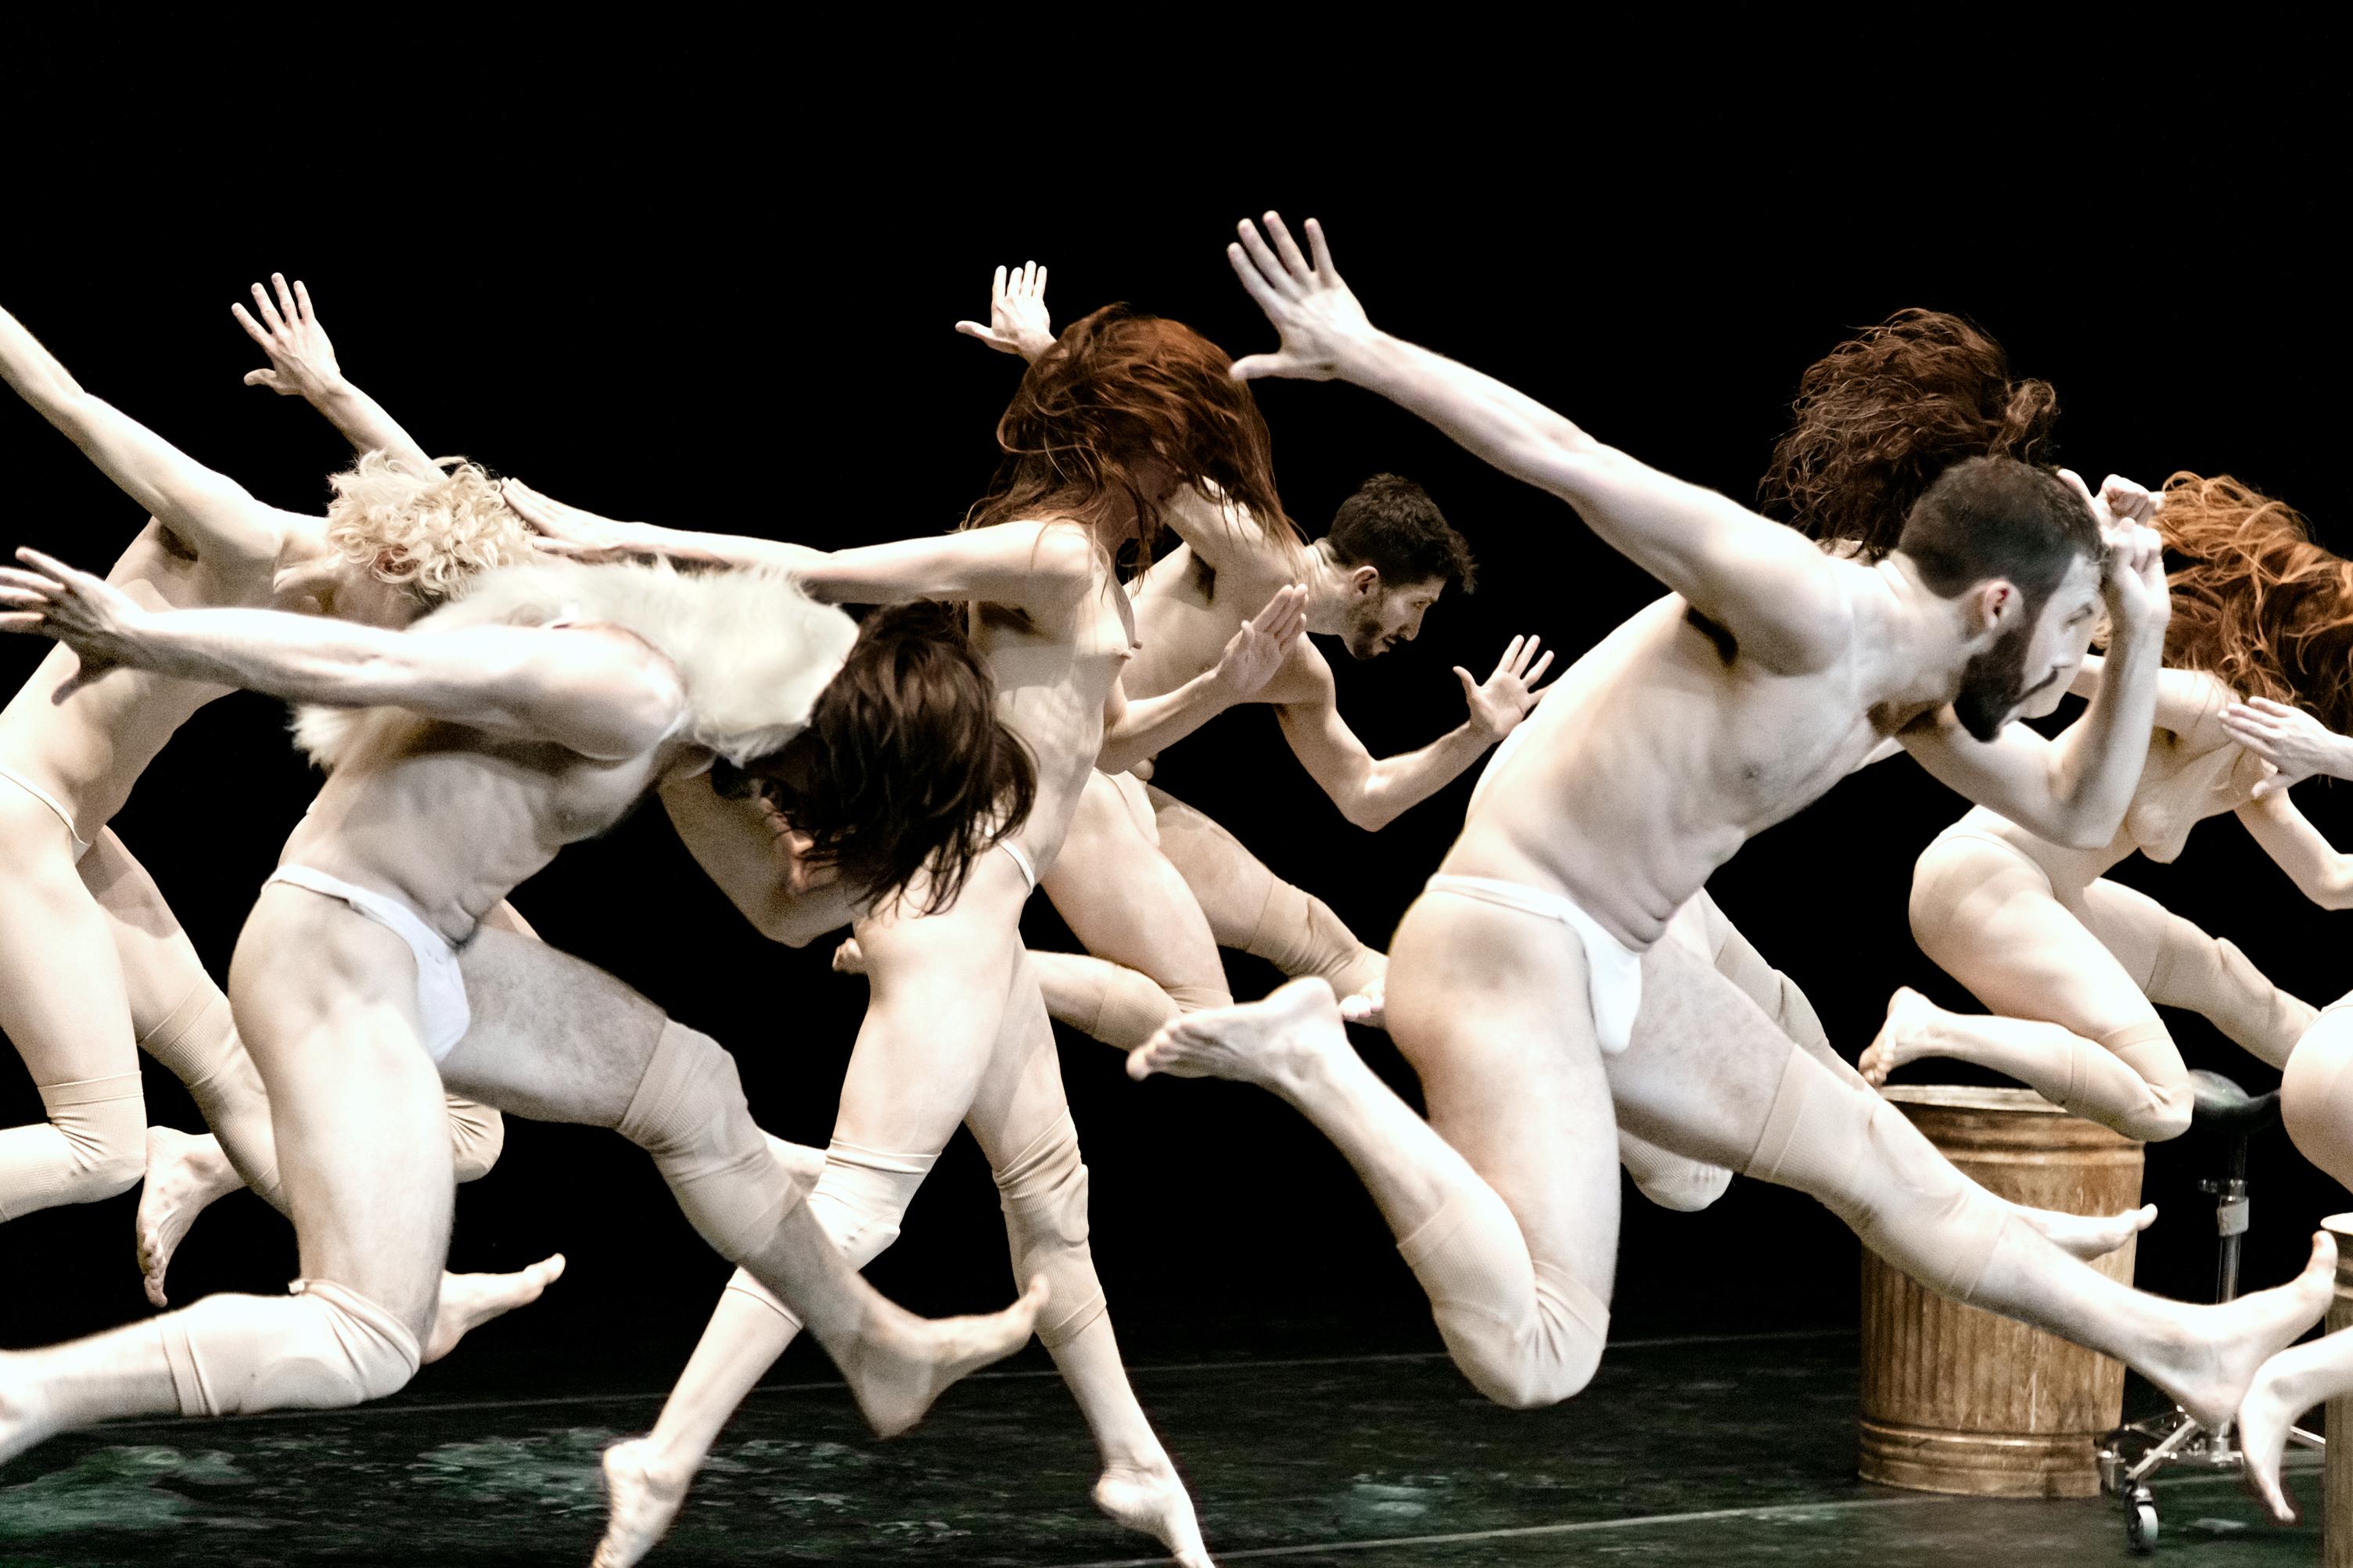 El Festival Cultural de Mayo inicia con un espectáculo de danza inspirado en la pintura El jardín de las delicias